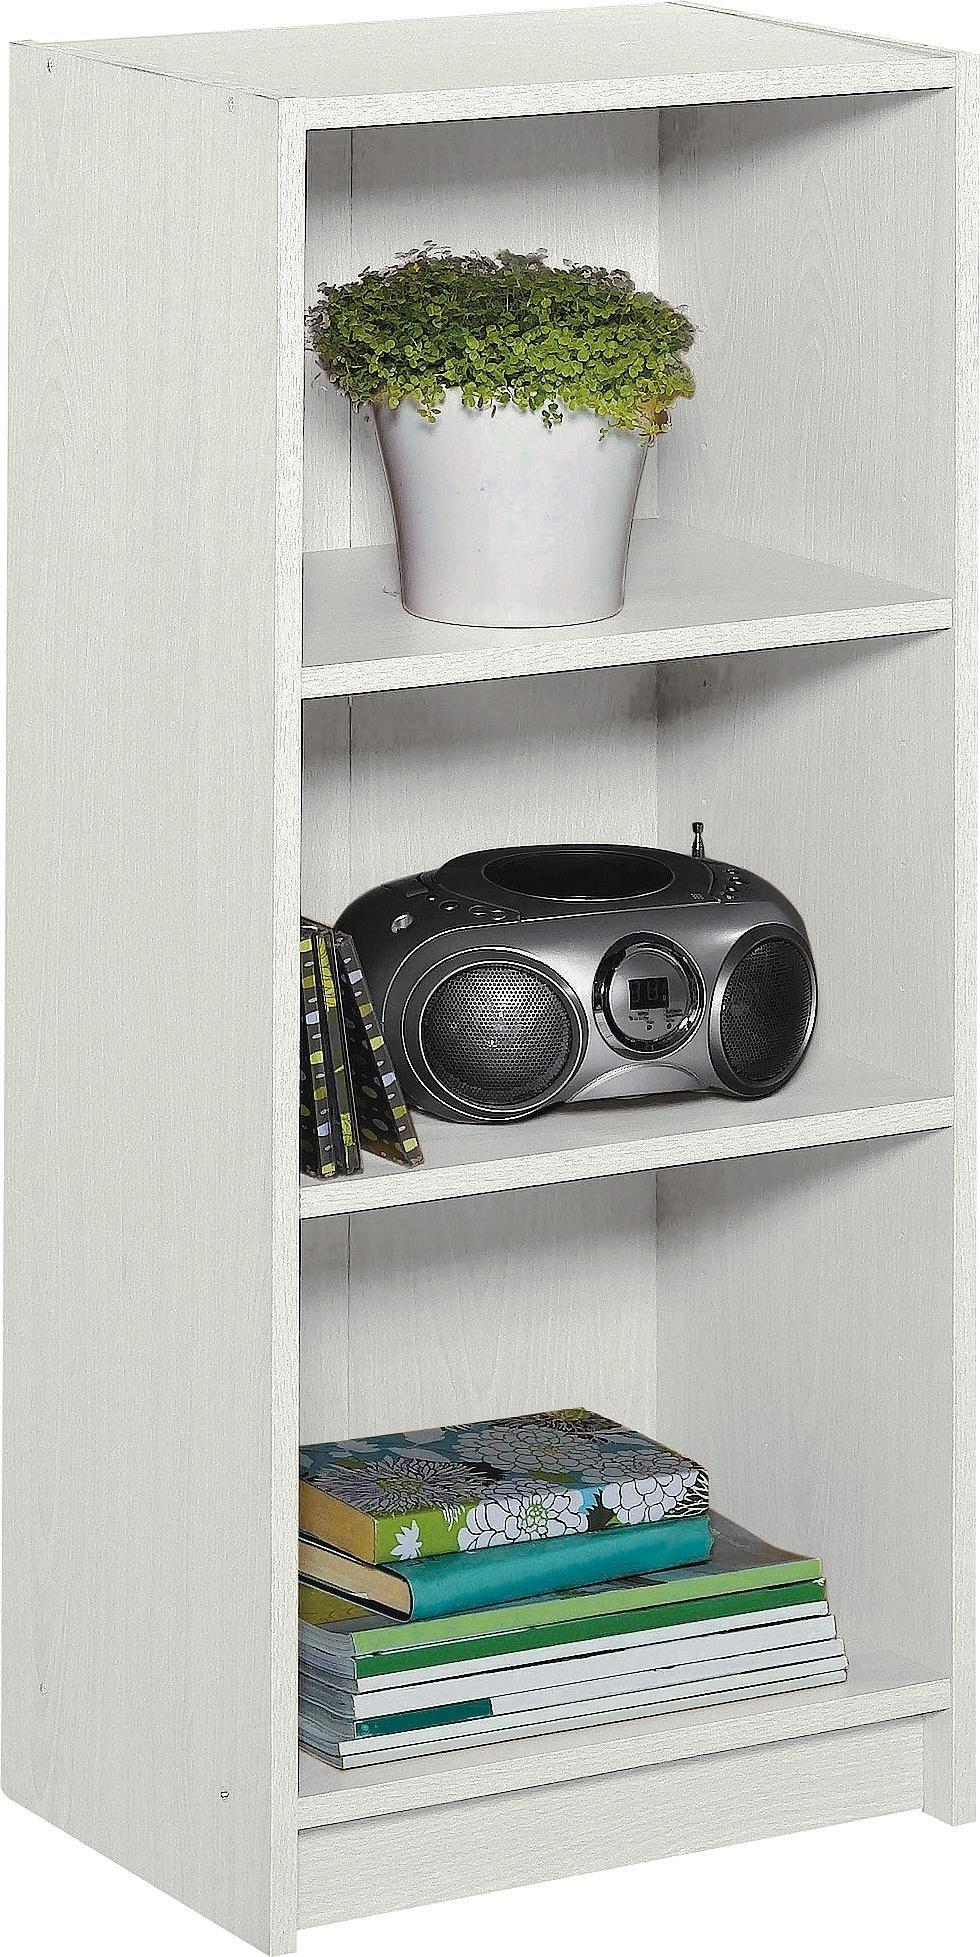 Argos Home Maine 2 Shelf Half Width Bookcase review